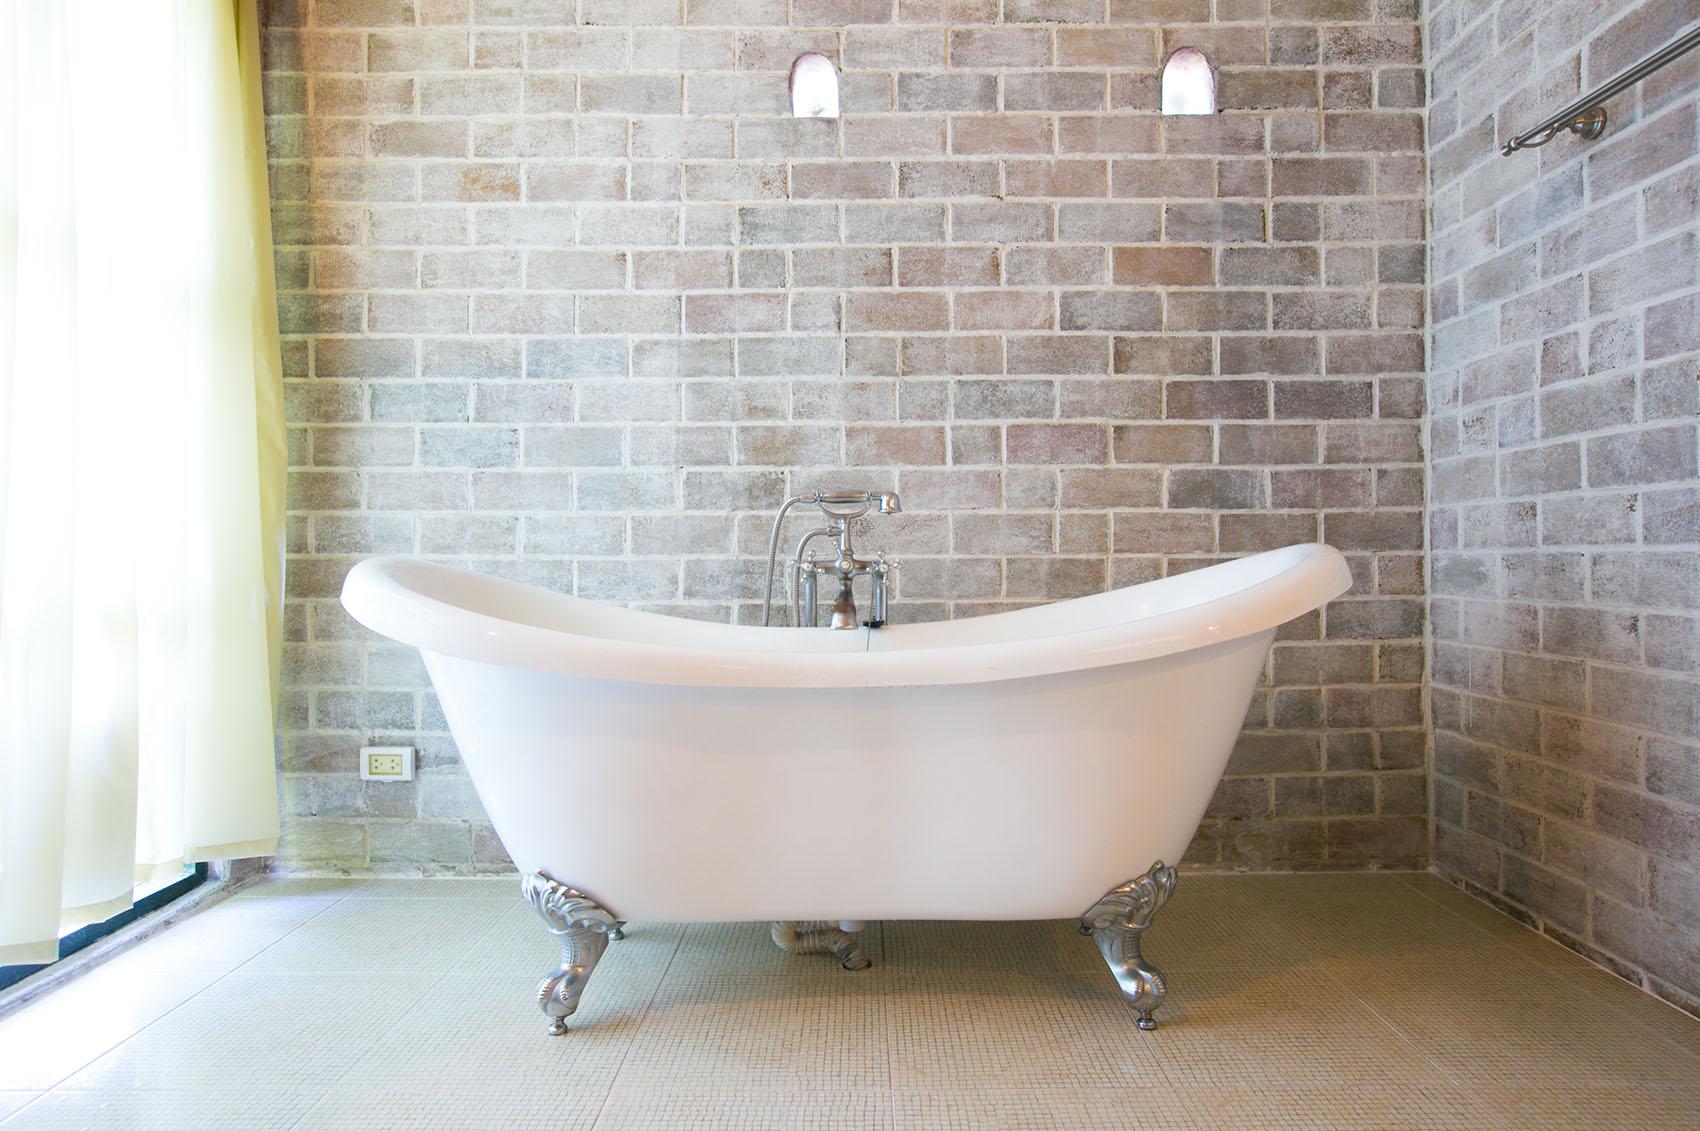 Bath Refinishing Everglaze Coating